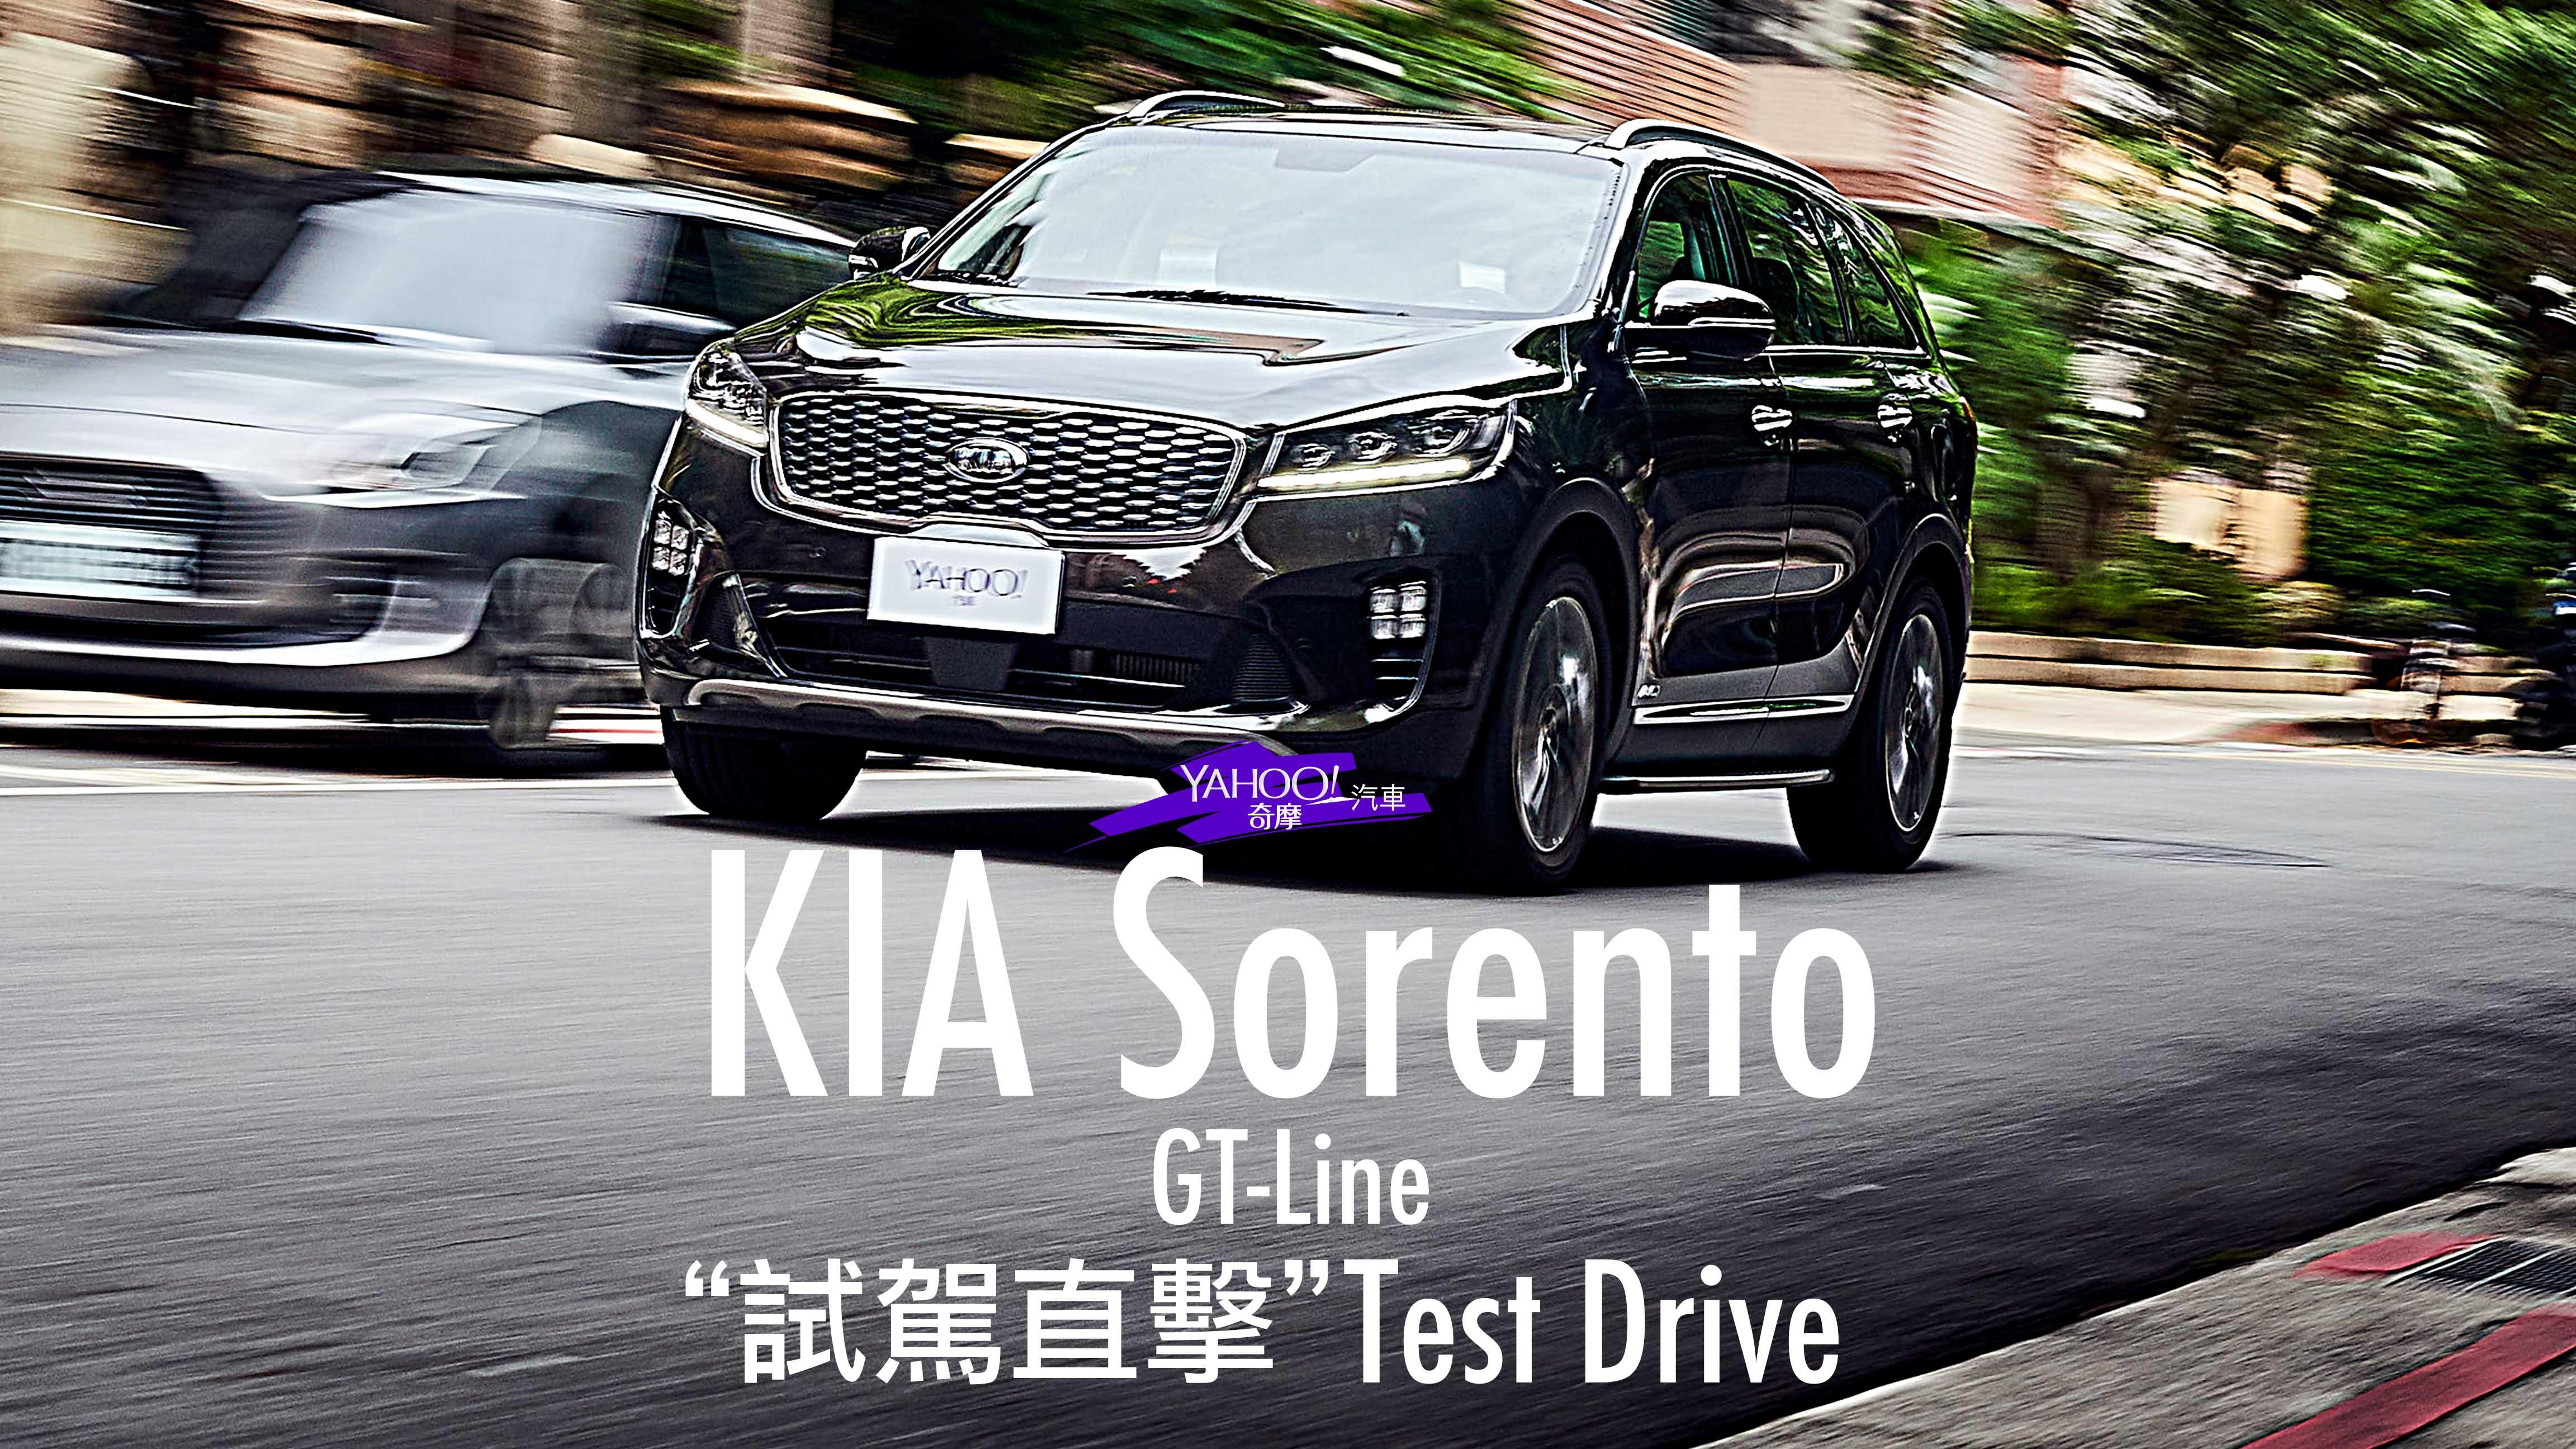 【試駕直擊】一小匙動感和適量的率性 2019 KIA Sorento GT-Line試駕